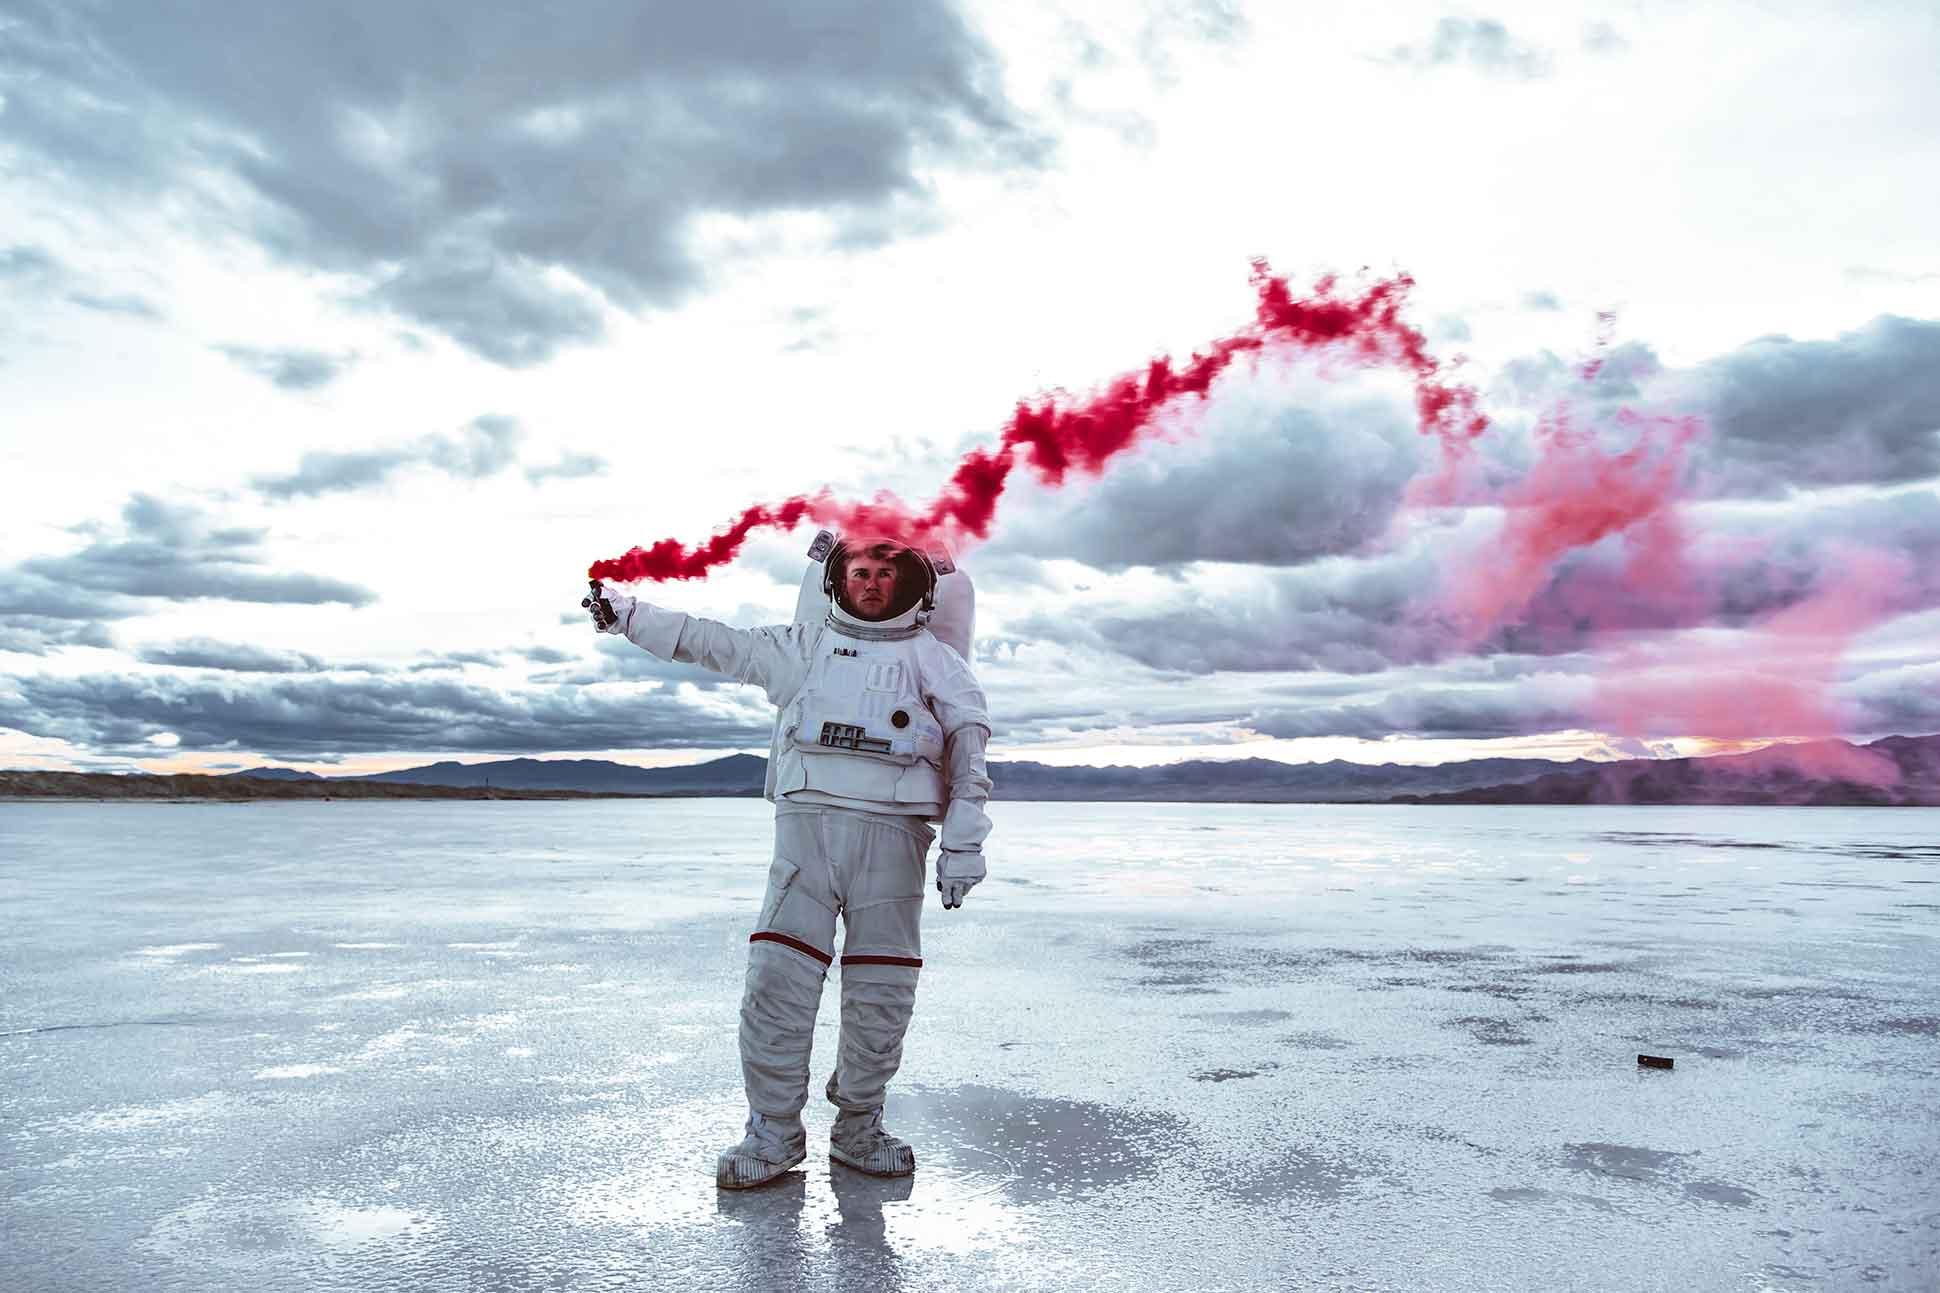 Pelorus astronaut orientation: <br>Space odyssey